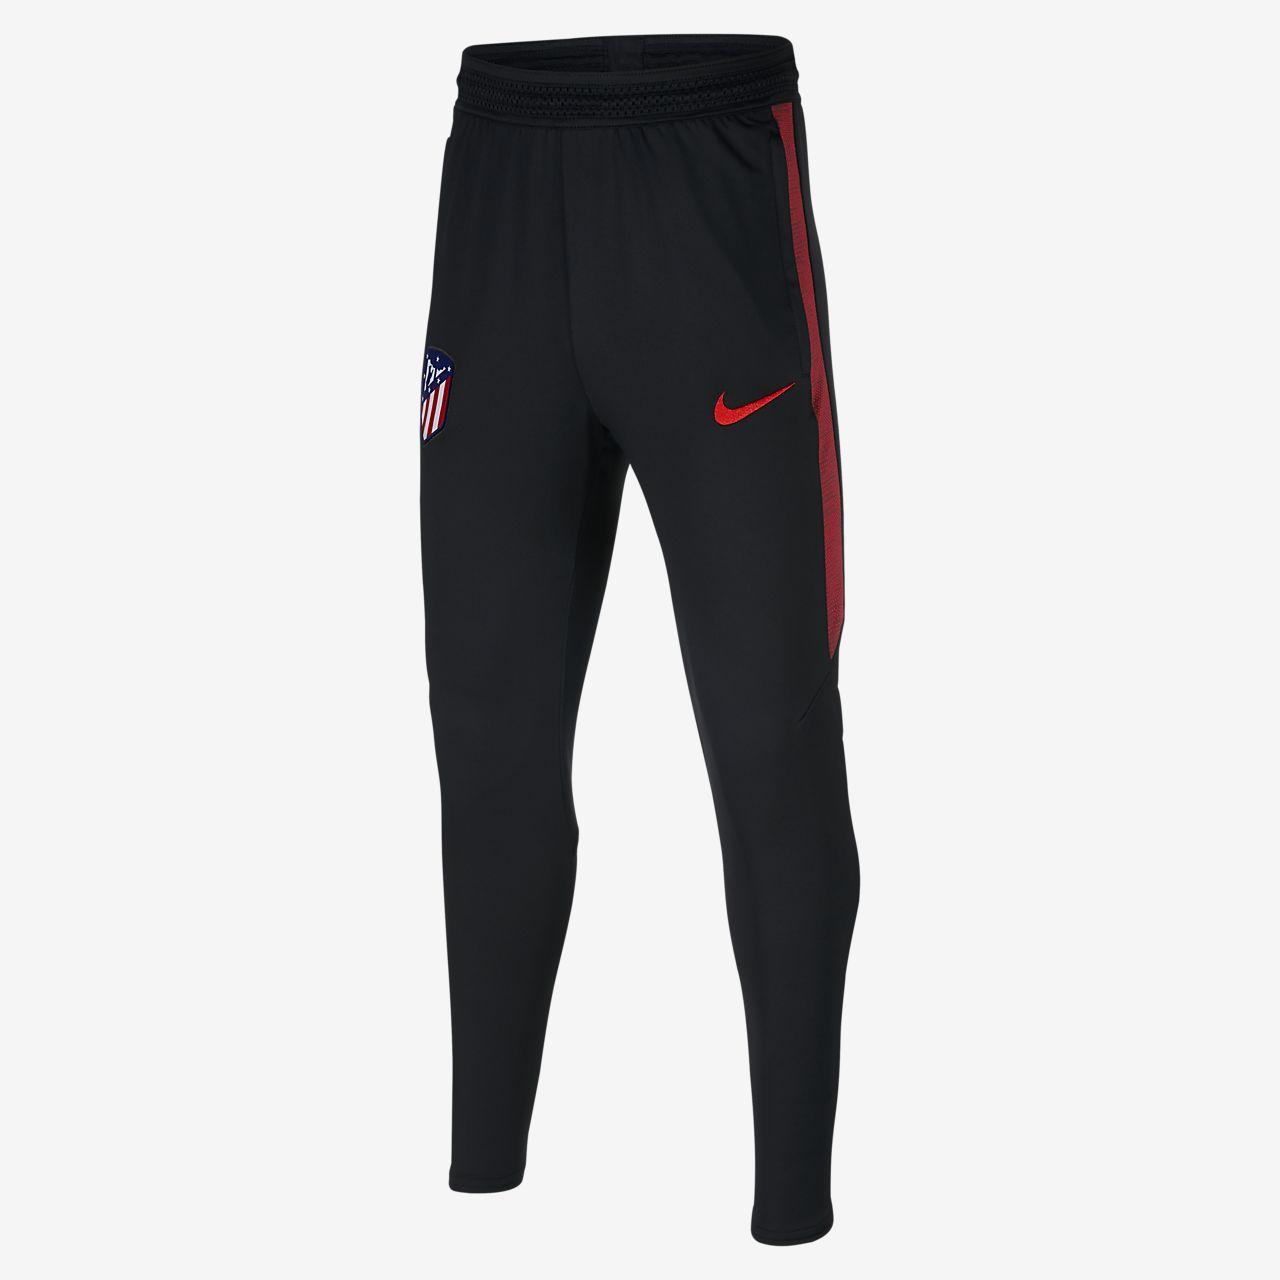 Ποδοσφαιρικό παντελόνι Nike Dri-FIT Atlético de Madrid Strike για μεγάλα παιδιά